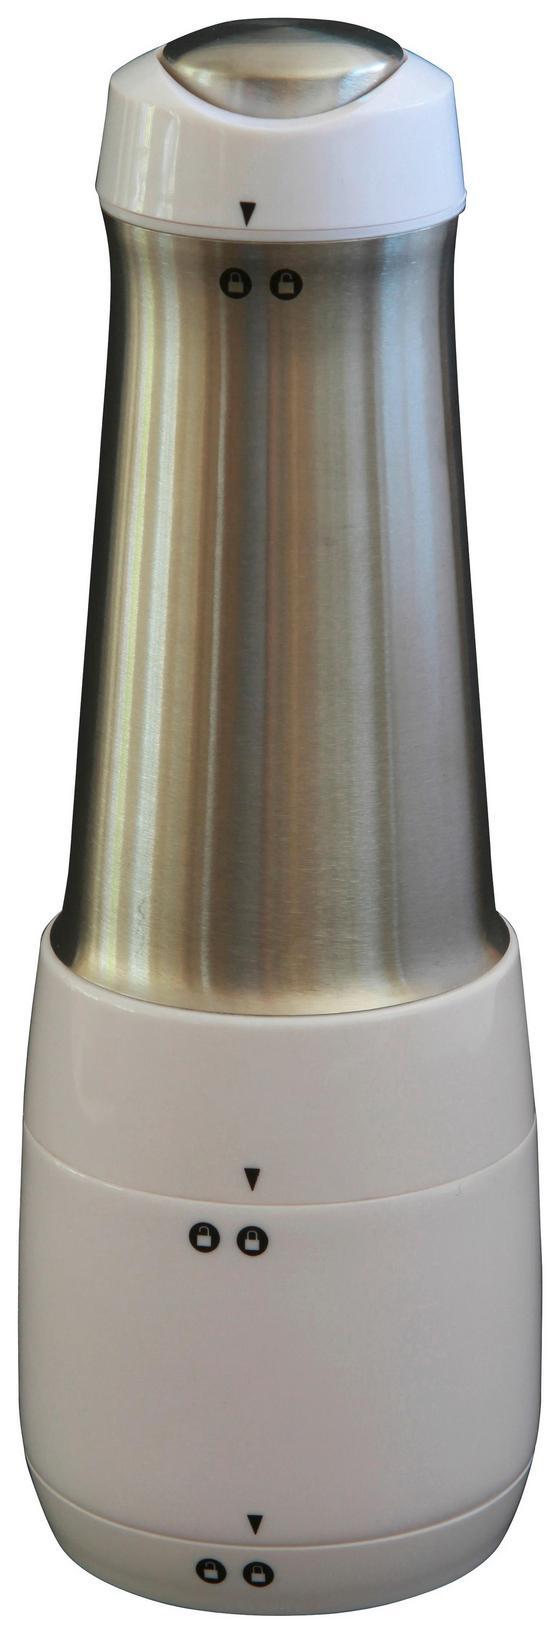 Parmesanreibe Elektrisch - Silberfarben/Weiß, MODERN, Kunststoff/Metall (9/25,5/9cm) - Collini